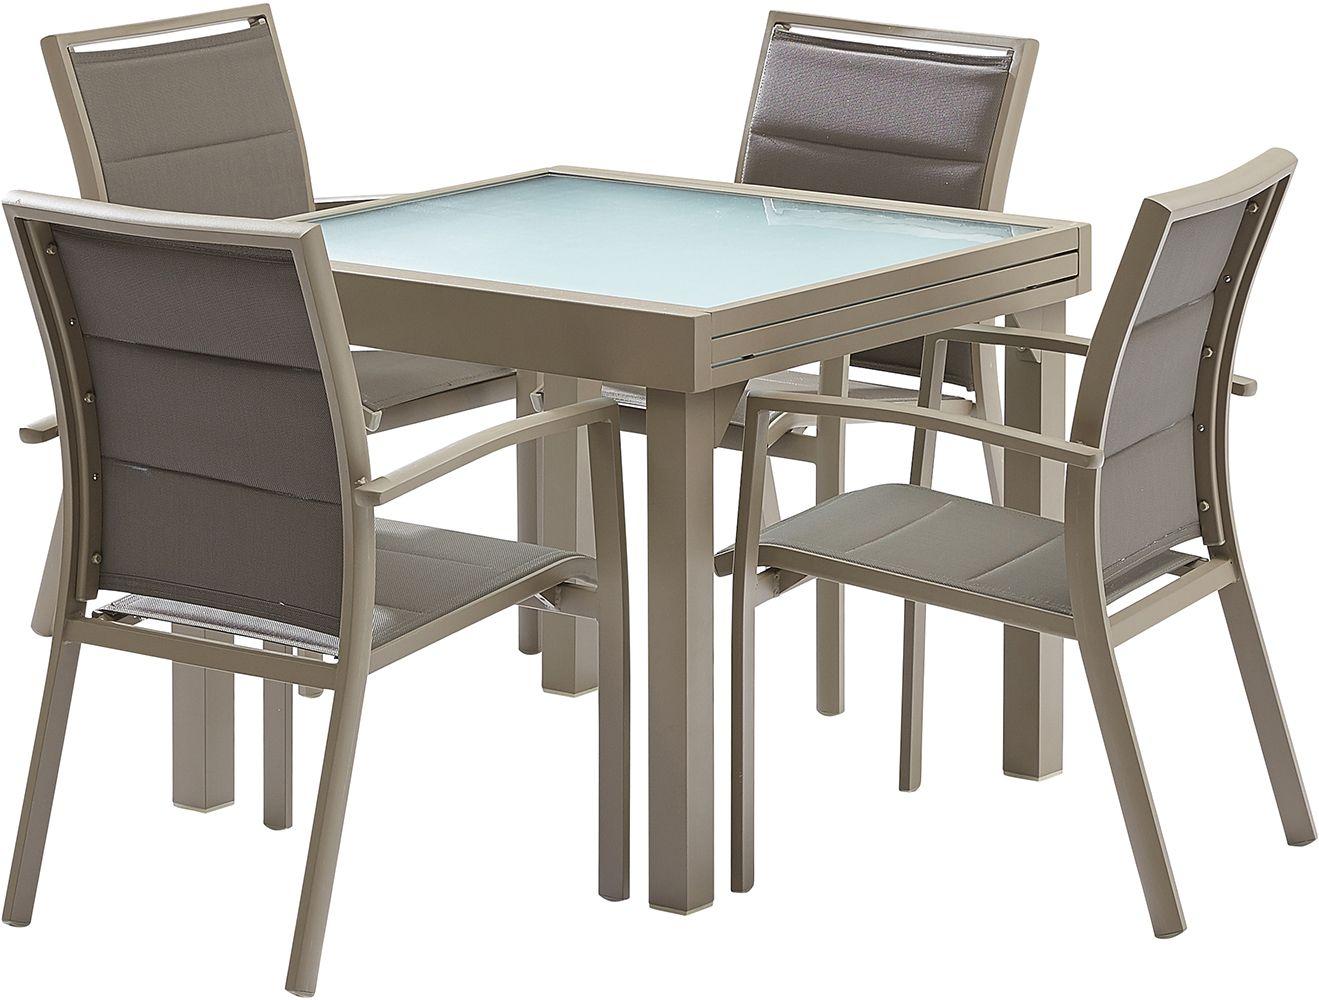 Salon de jardin moderne 4 personnes modulo taupe - Table de jardin moderne ...